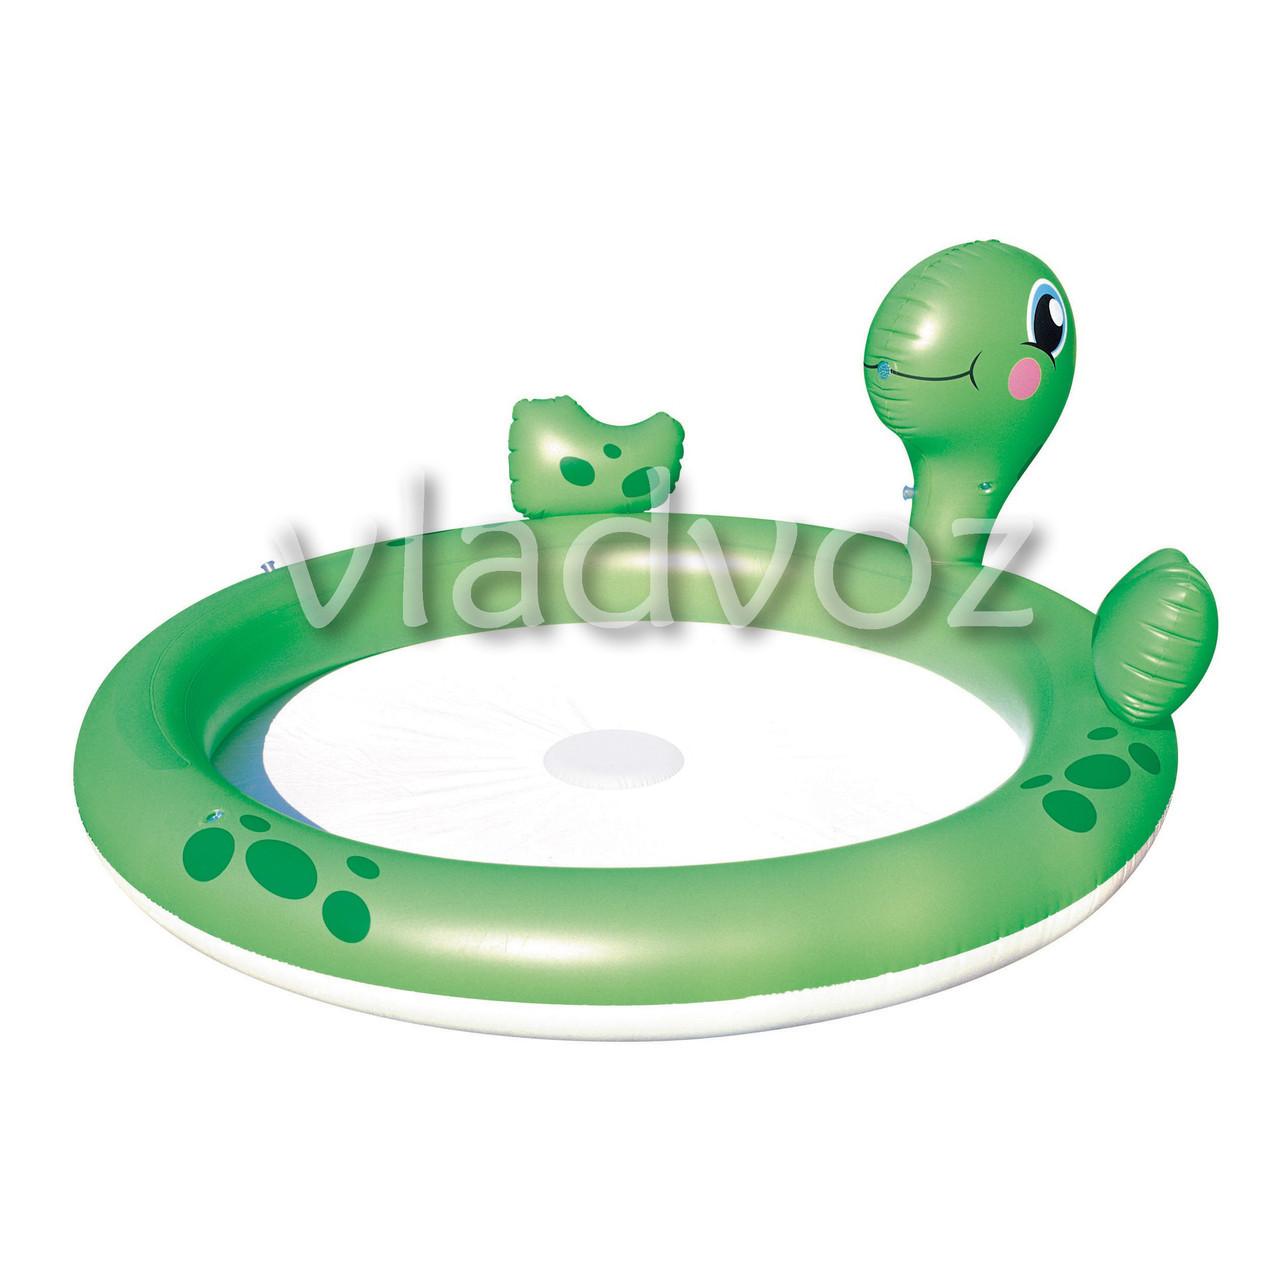 Детский надувной бассейн черепаха с фонтанчиком Bestway 53042 - интернет-магазин vladvozsklad мтс 0666993749, киевстар 0681044912, лайф 0932504050 в Николаевской области